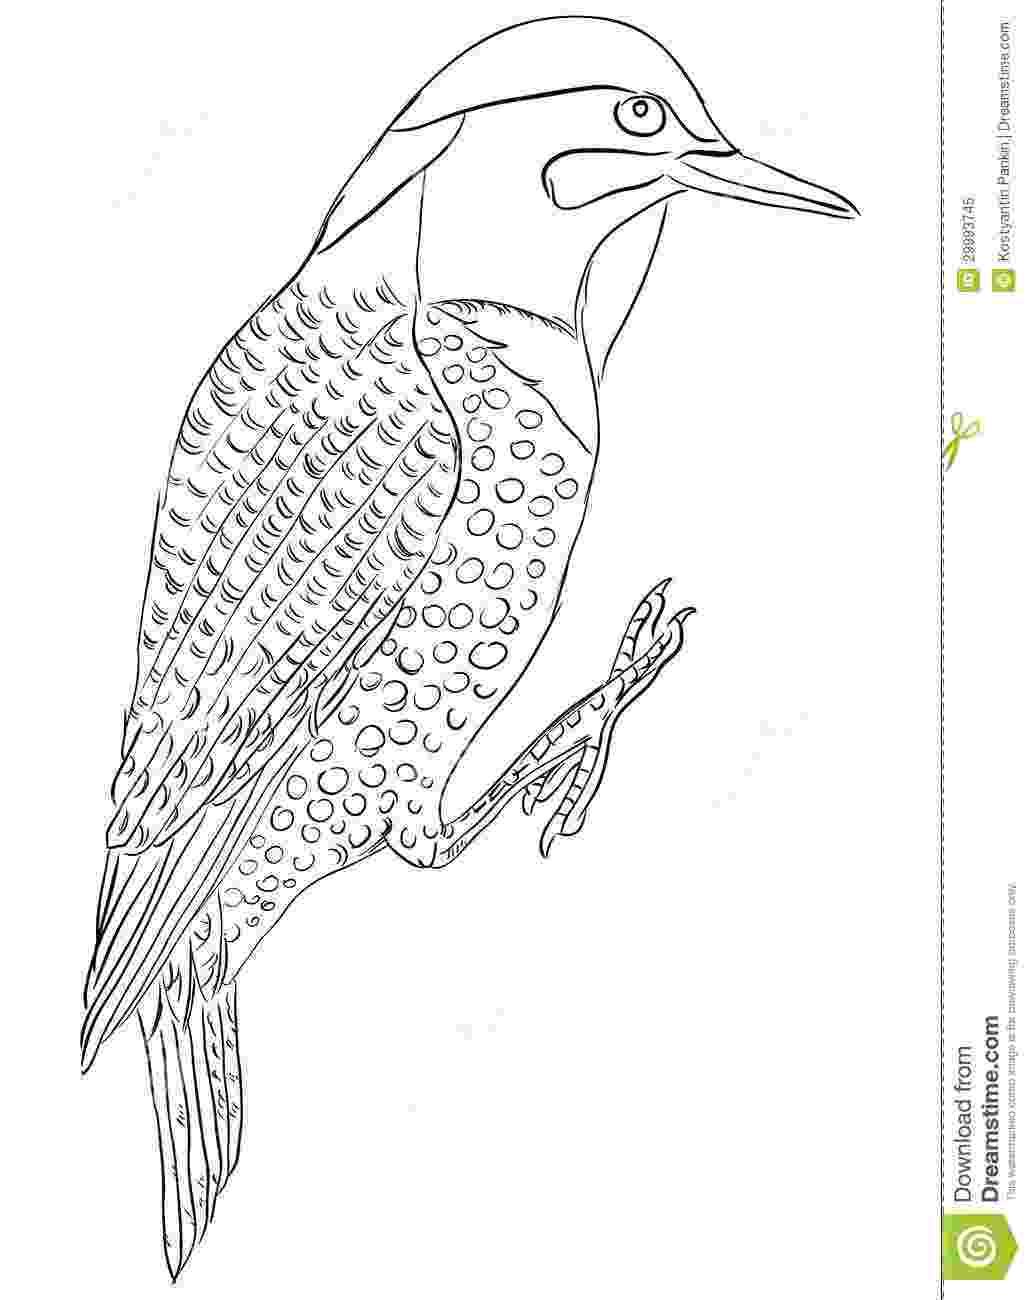 alabama state bird yellowhammer coloring page state alabama bird